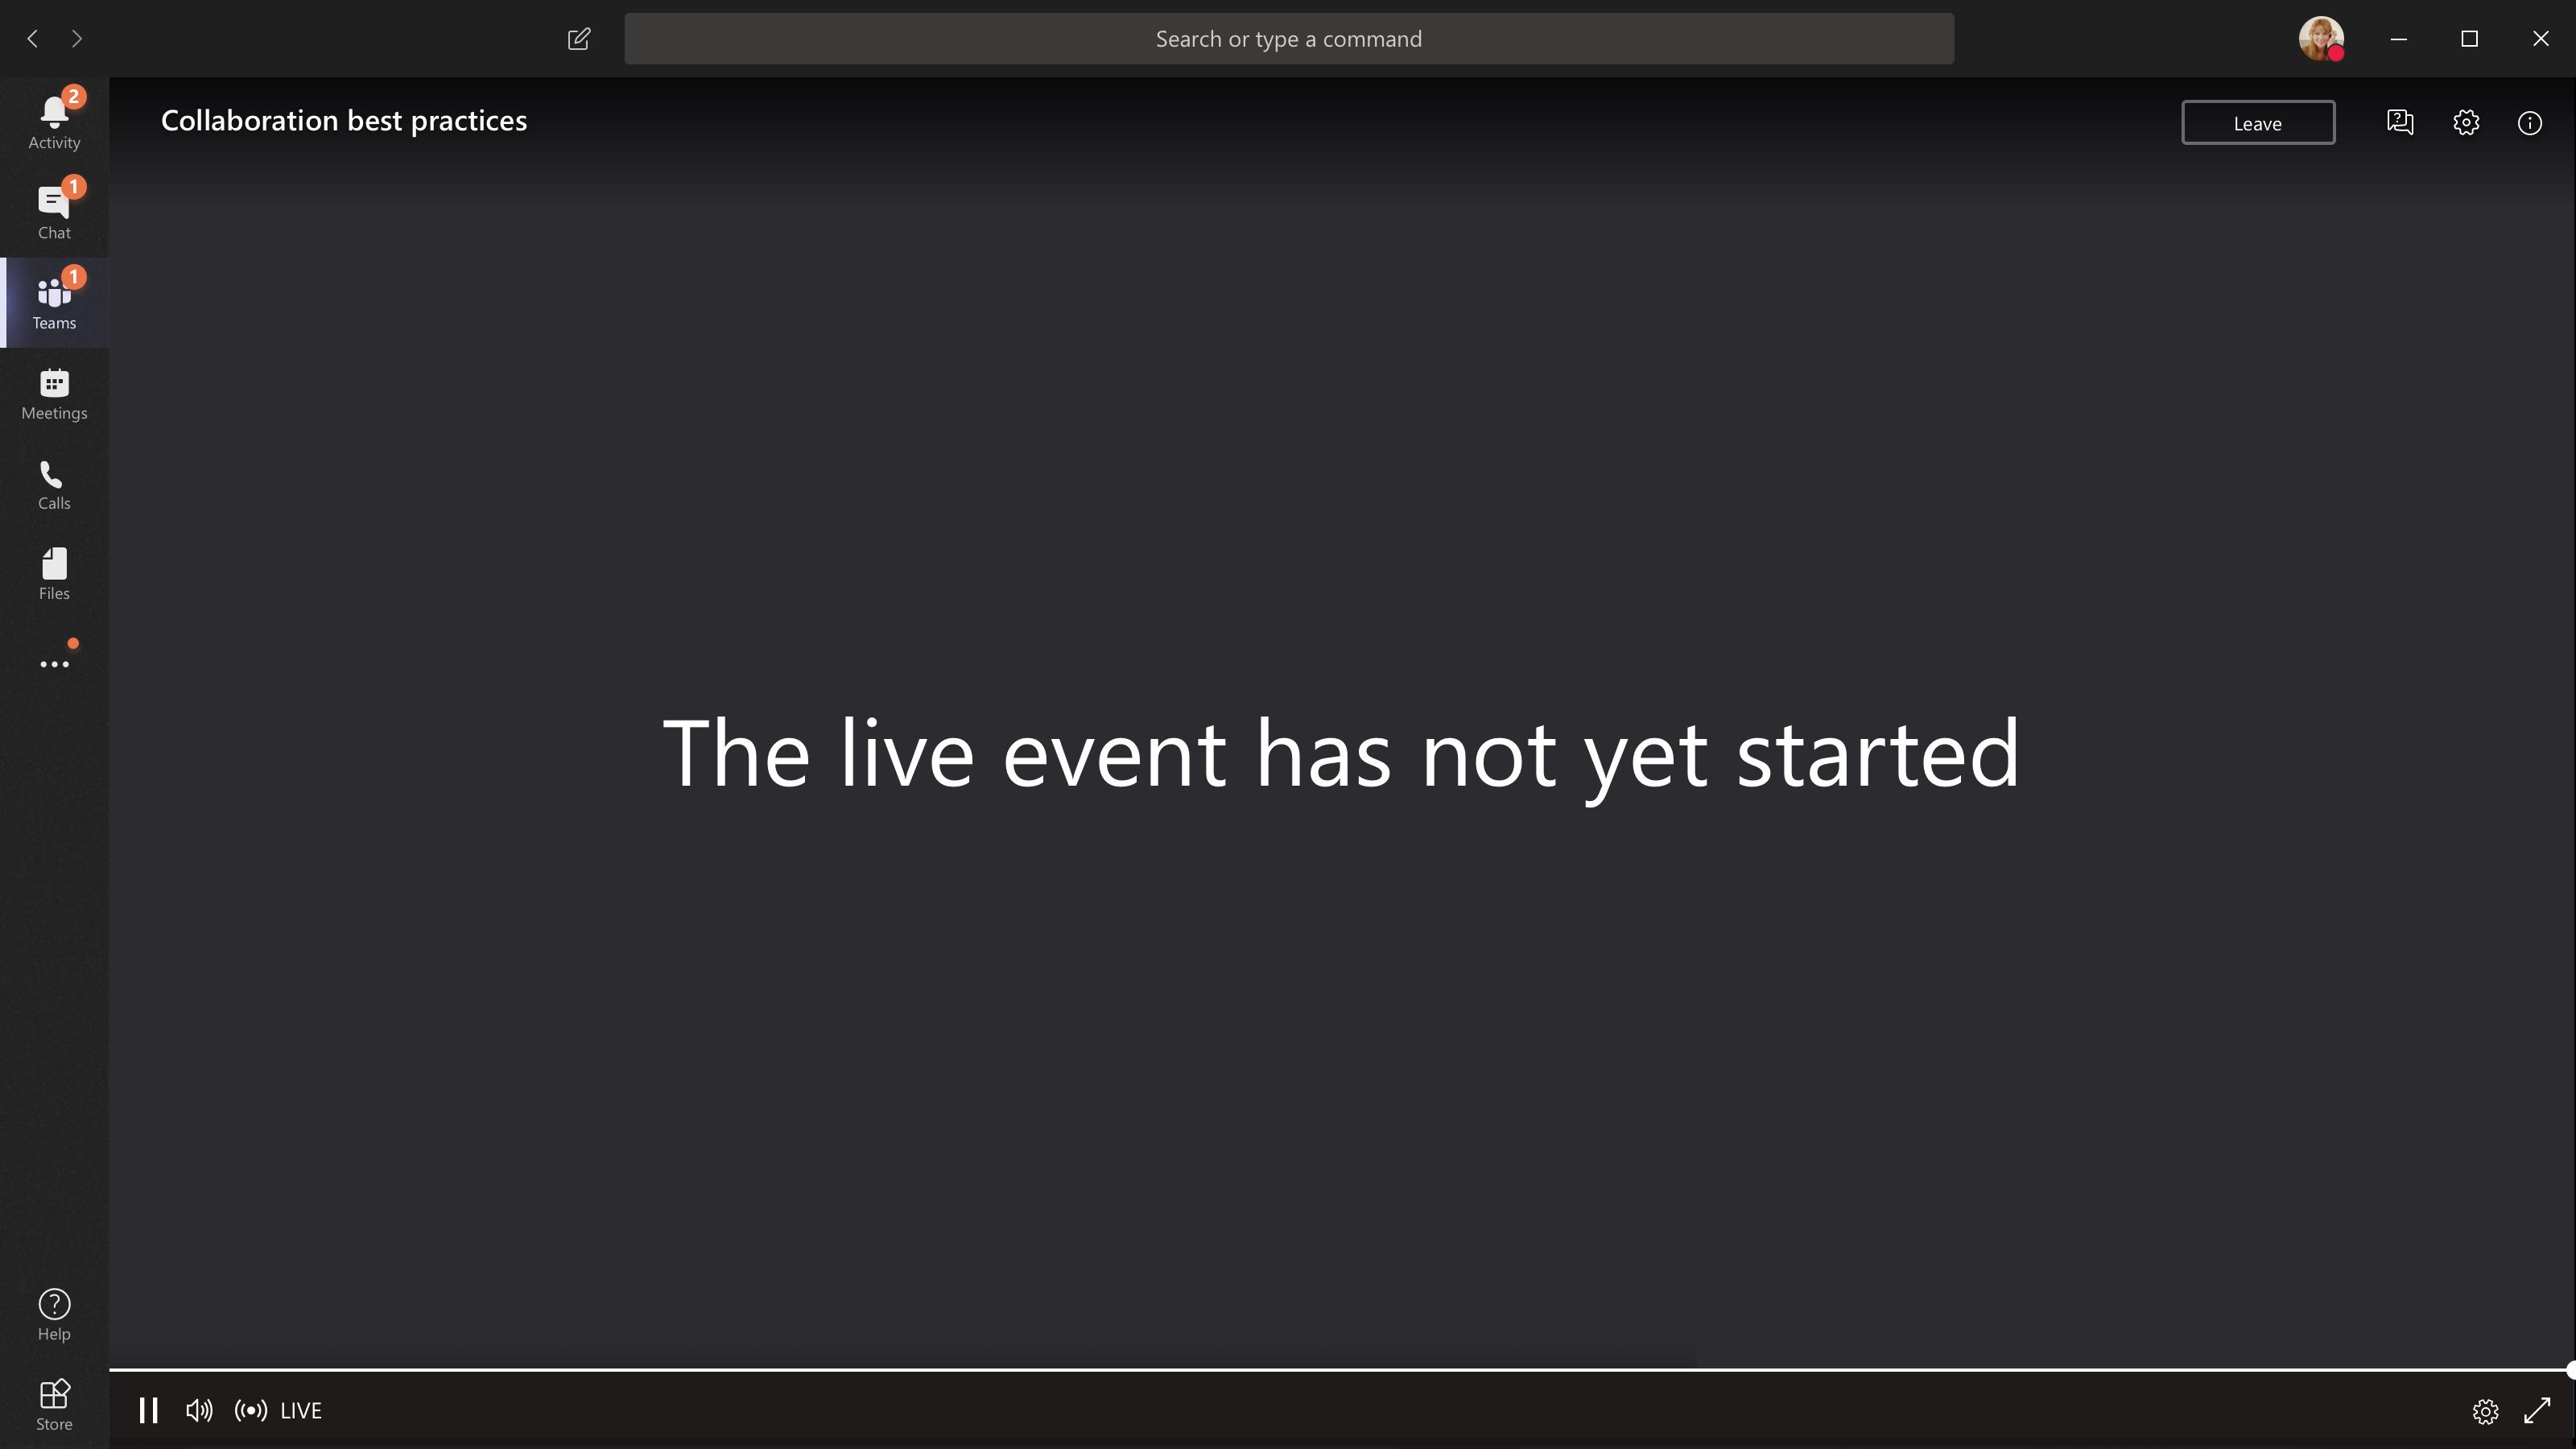 Không bắt đầu sự kiện